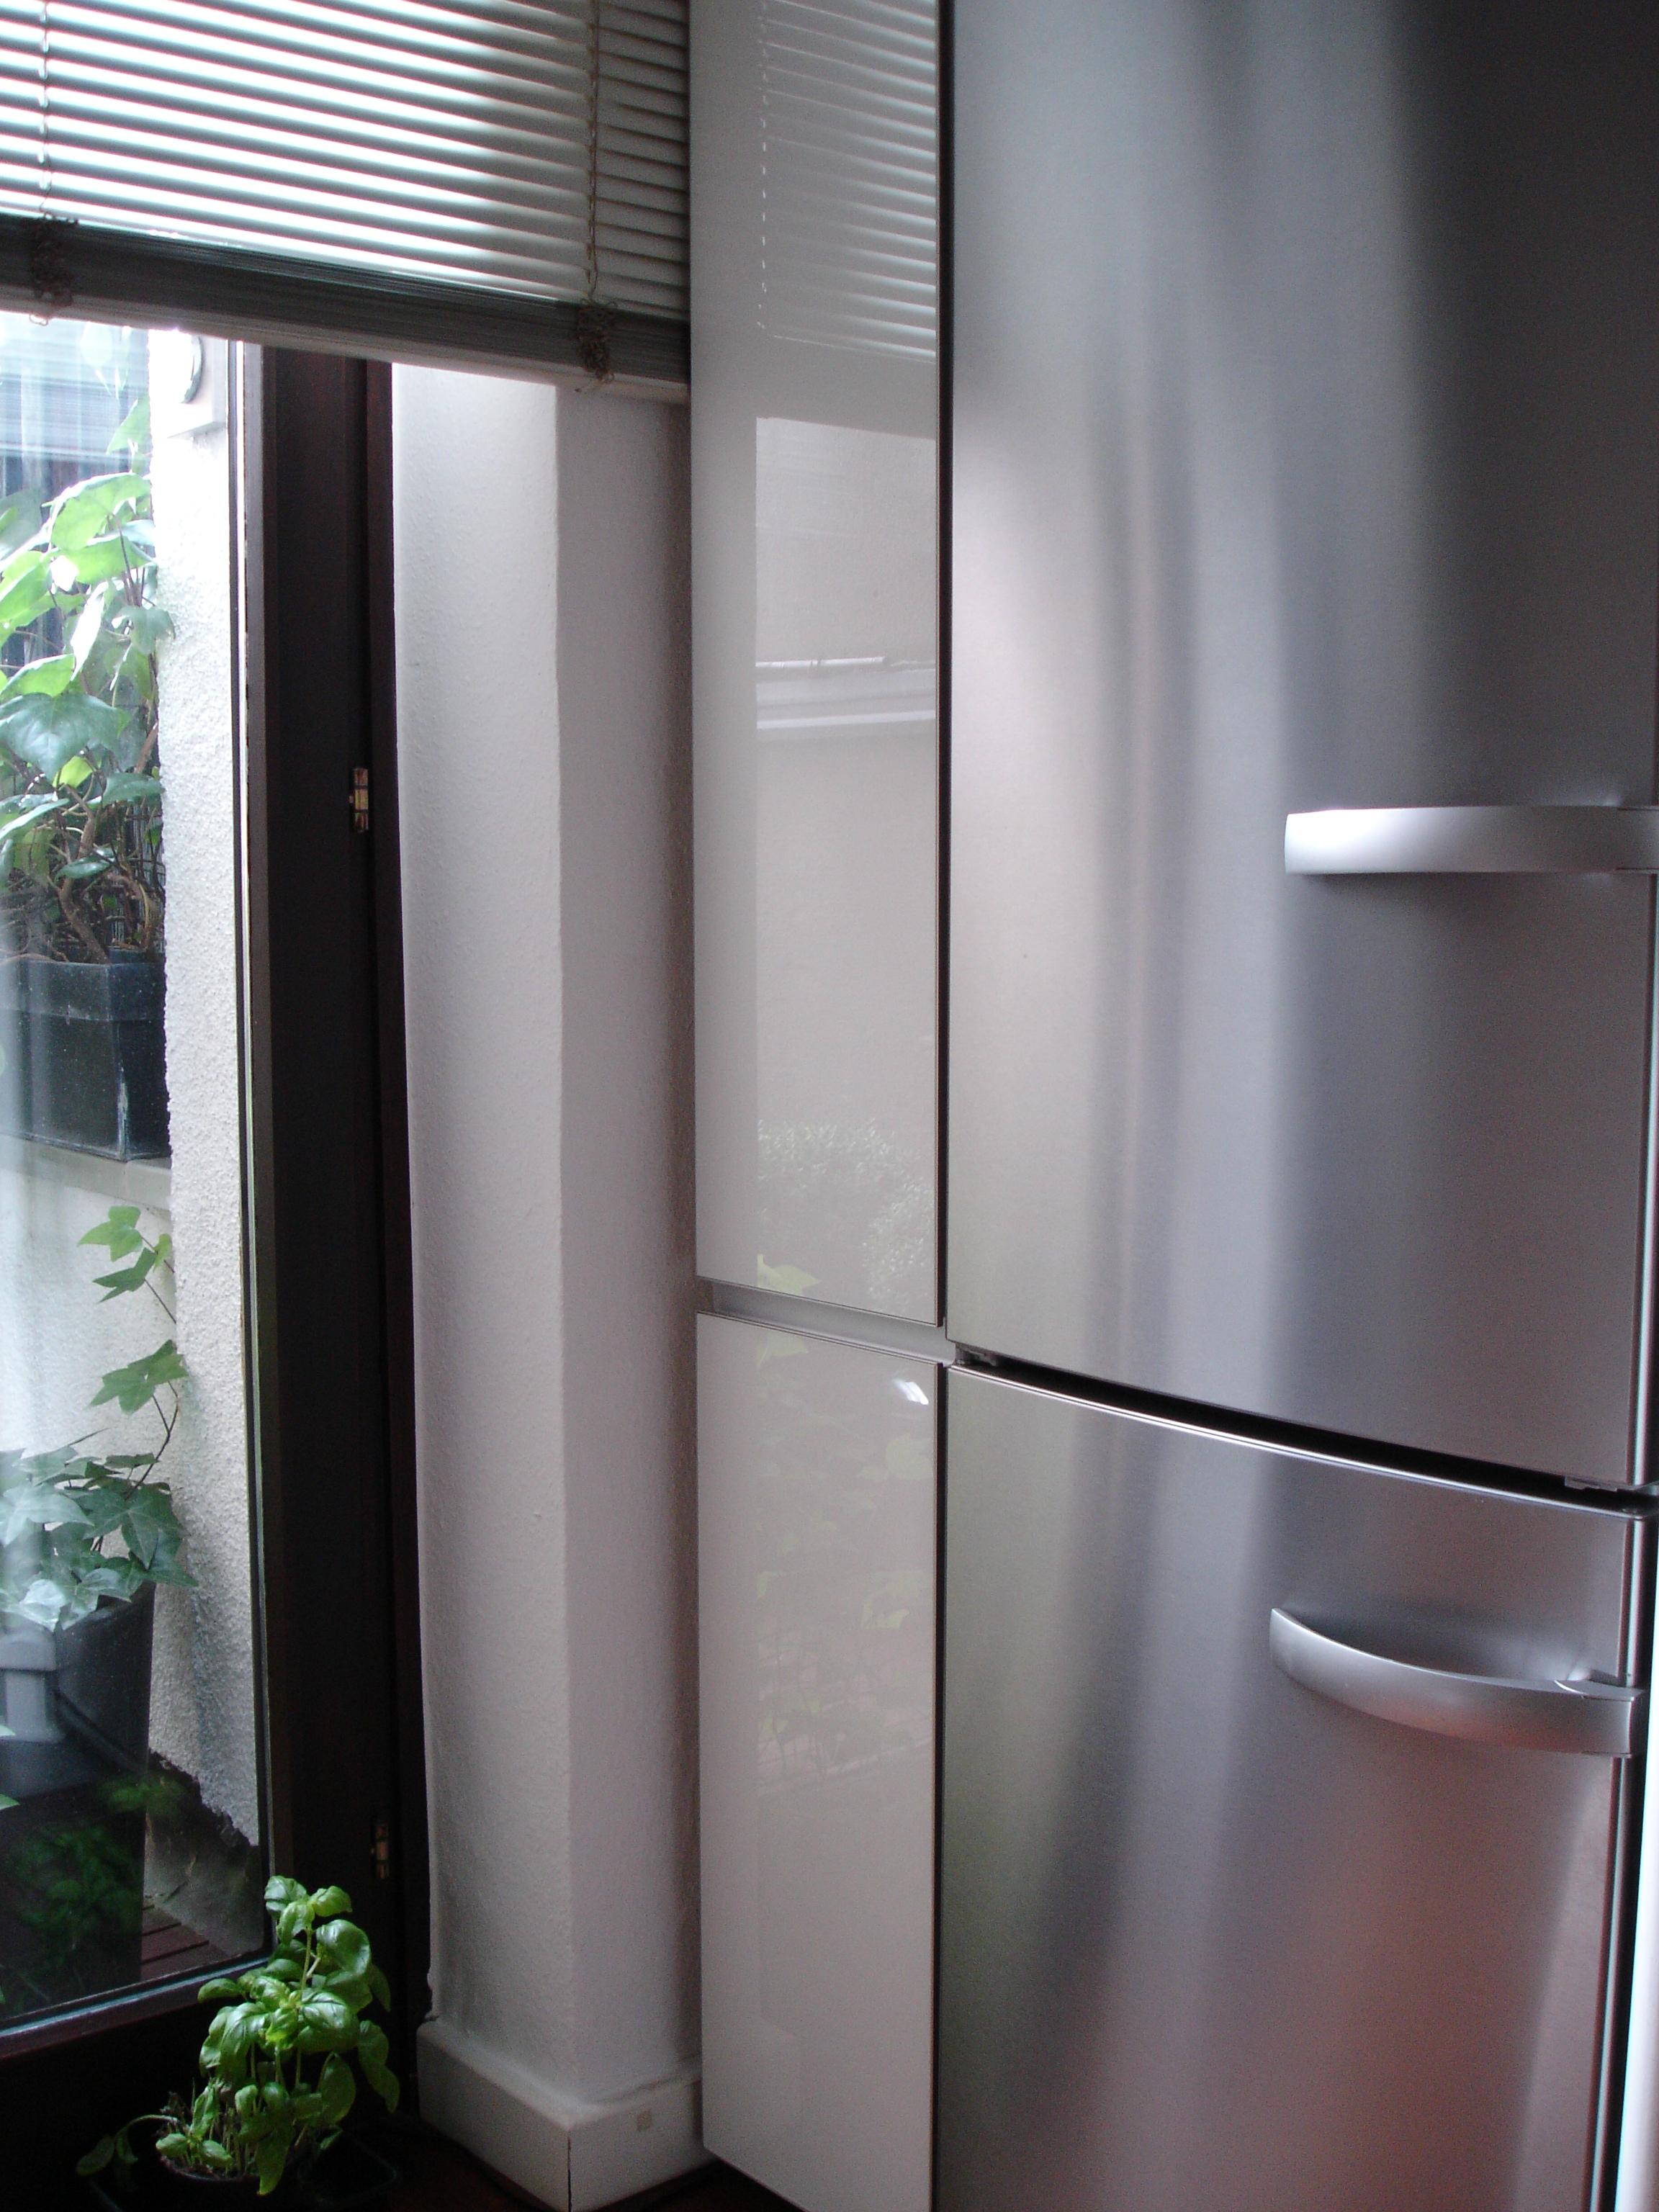 Apothekerschrank Küche | Apothekerschrank 30cm Breit Worauf Ist Zu Achten